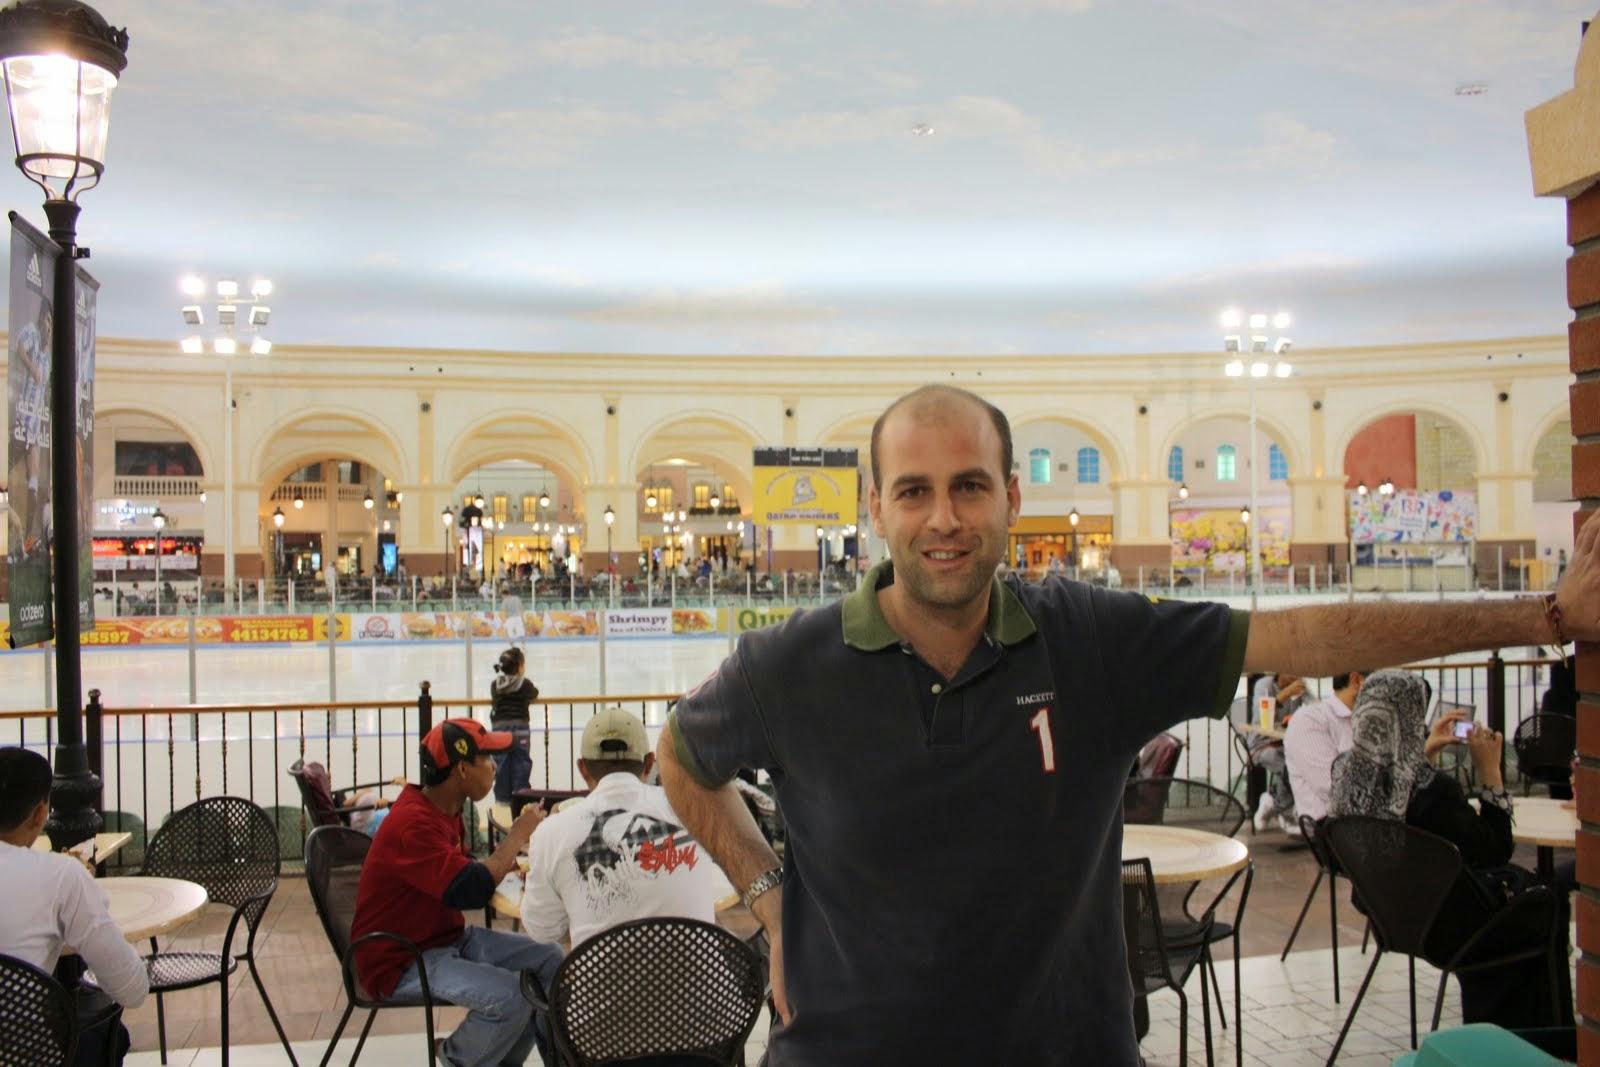 Centro Comercial en Doha Qatar